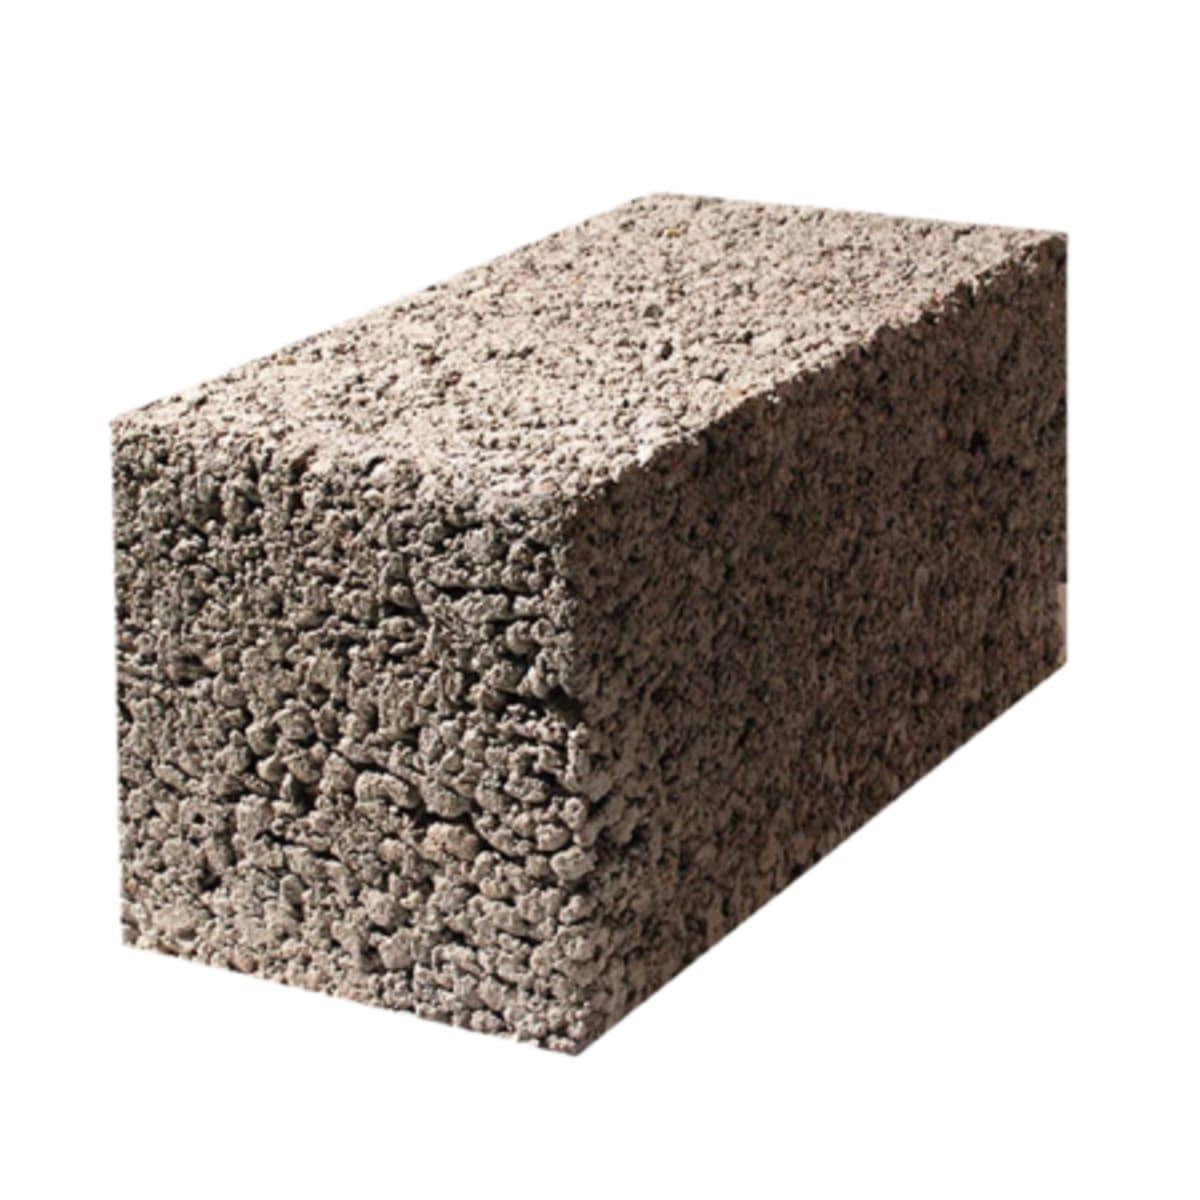 Керамзитобетон блок 390х188х190мм полнотелый фбс распределительные стрелы для подачи бетонной смеси могут быть